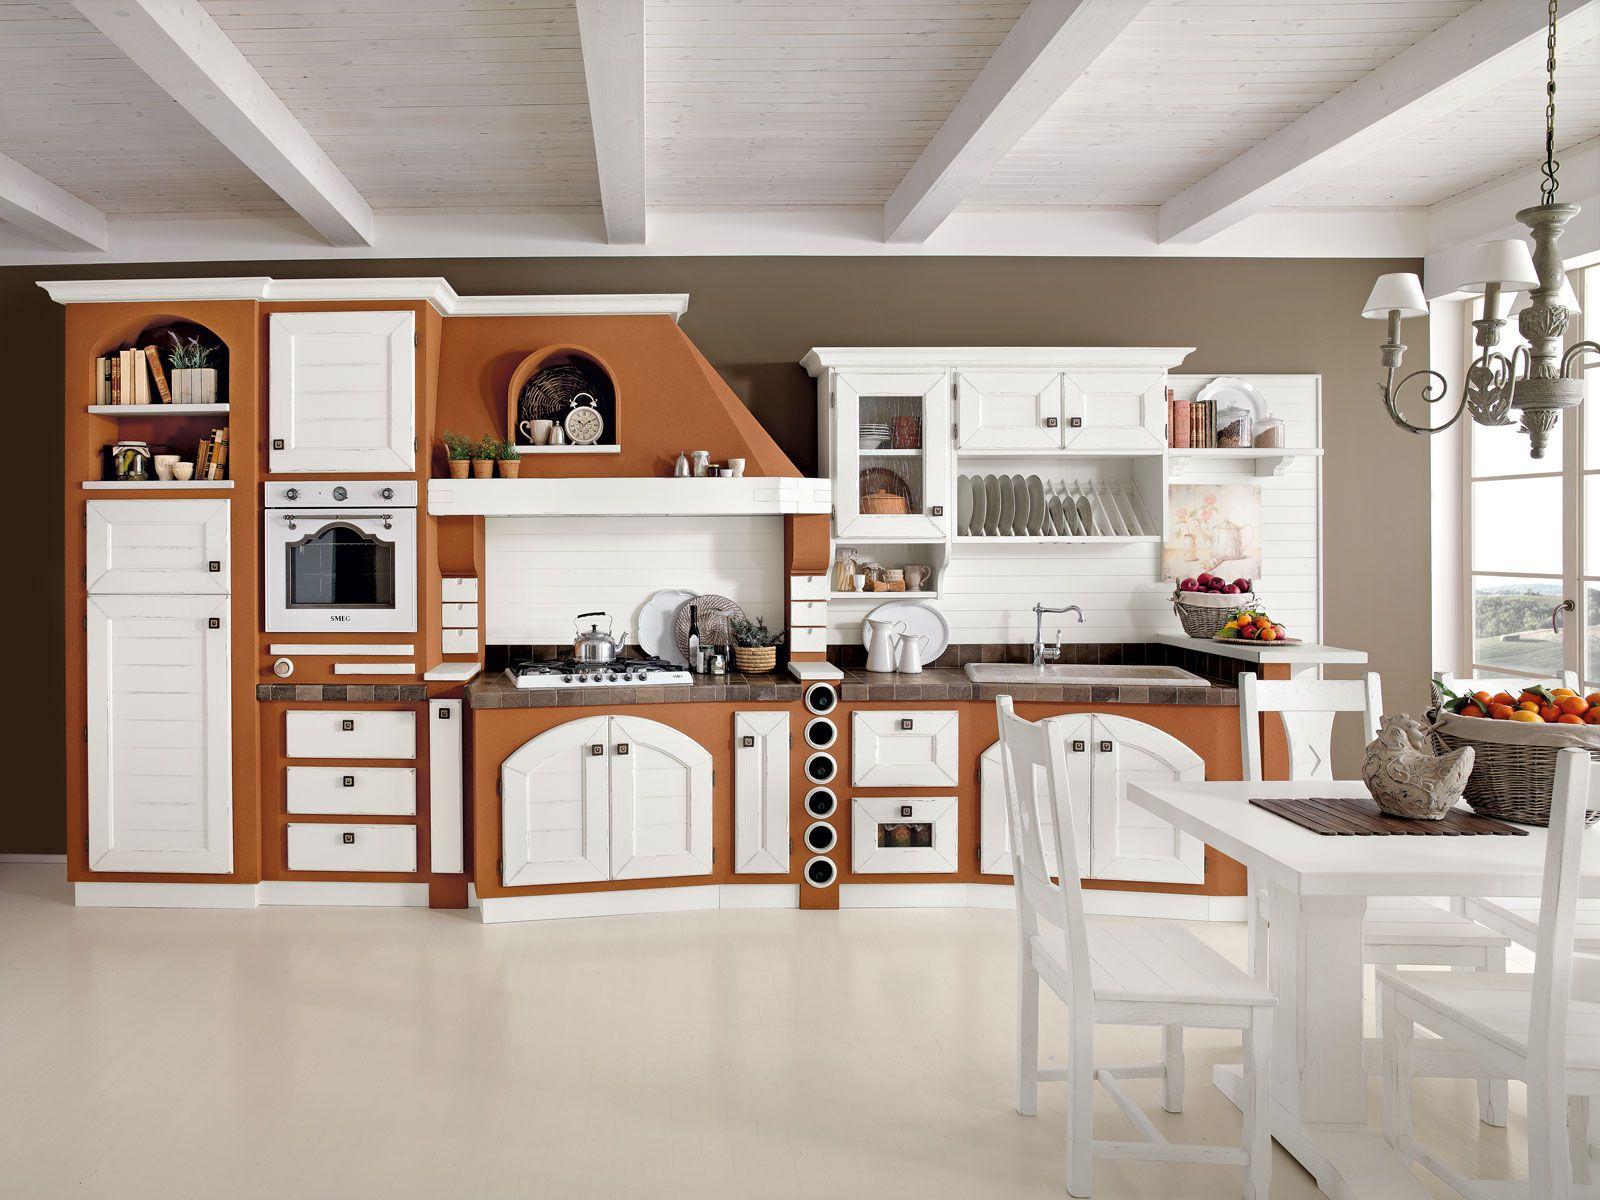 Luisa di lube una cucina con ante a telaio in massello di frassino con bugna incassata a doghe - Pomelli per cucine ...